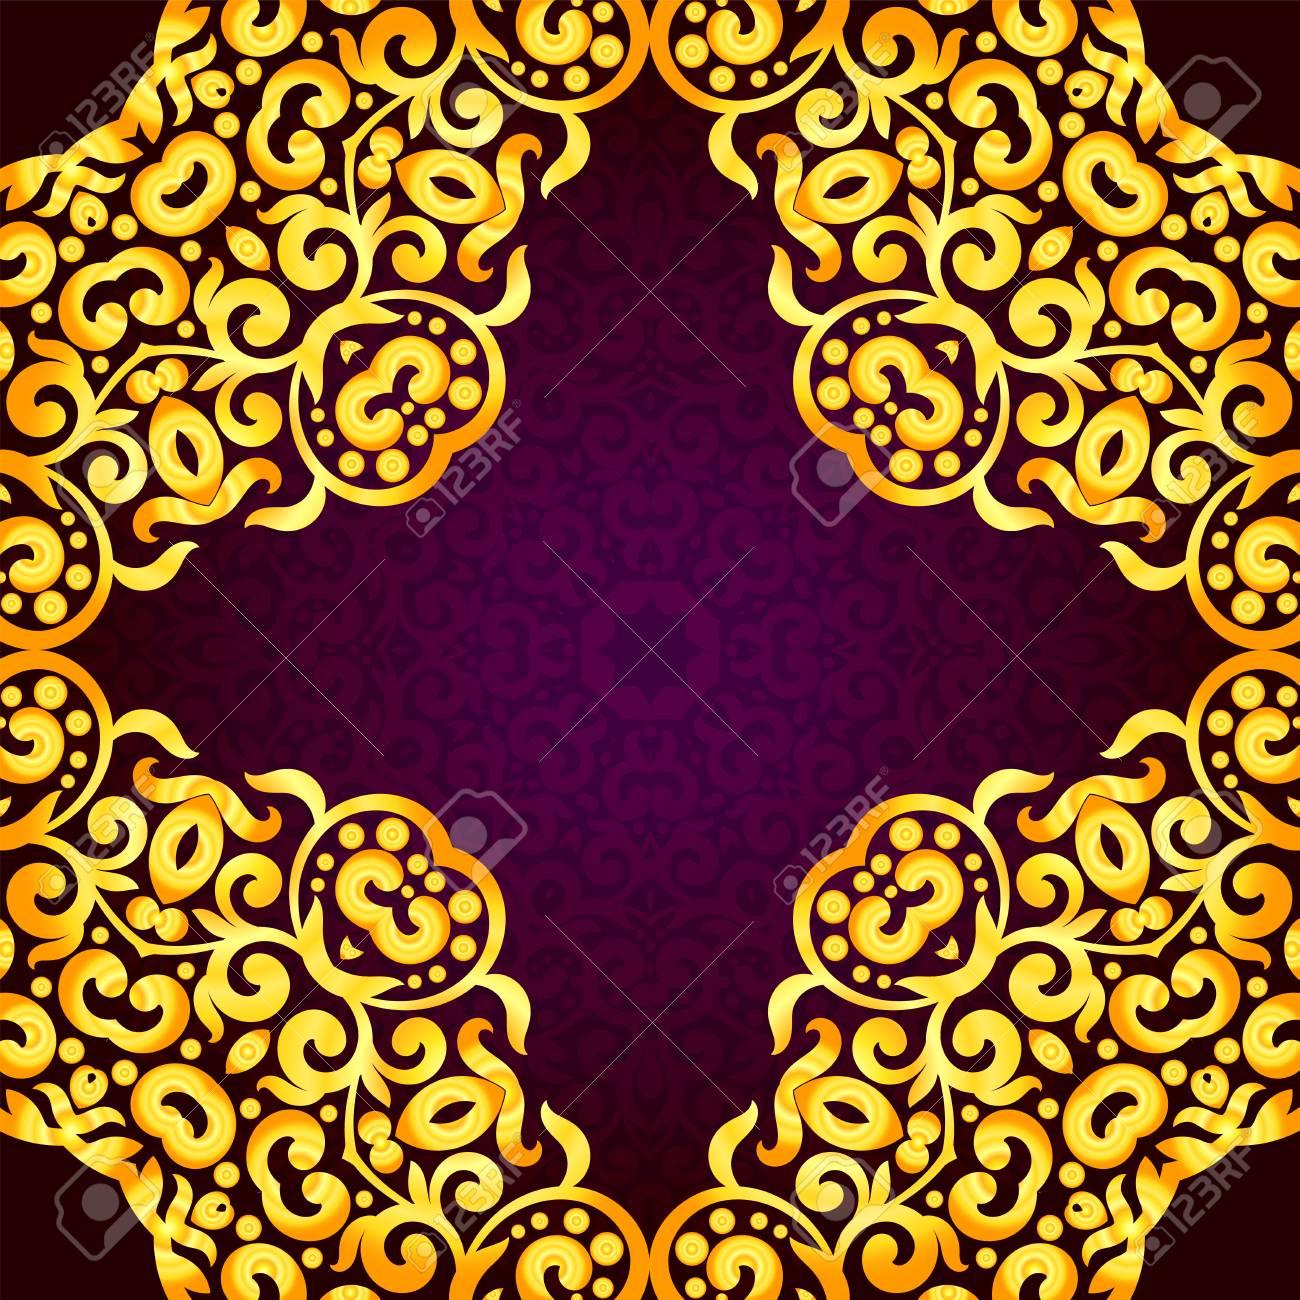 Tarjeta De Invitación De Oro Rico En El Estilo Indio Bohemia Letras Con El árabe Real árabe Y La Plantilla De Oro Religiosa Para El Diseño O El